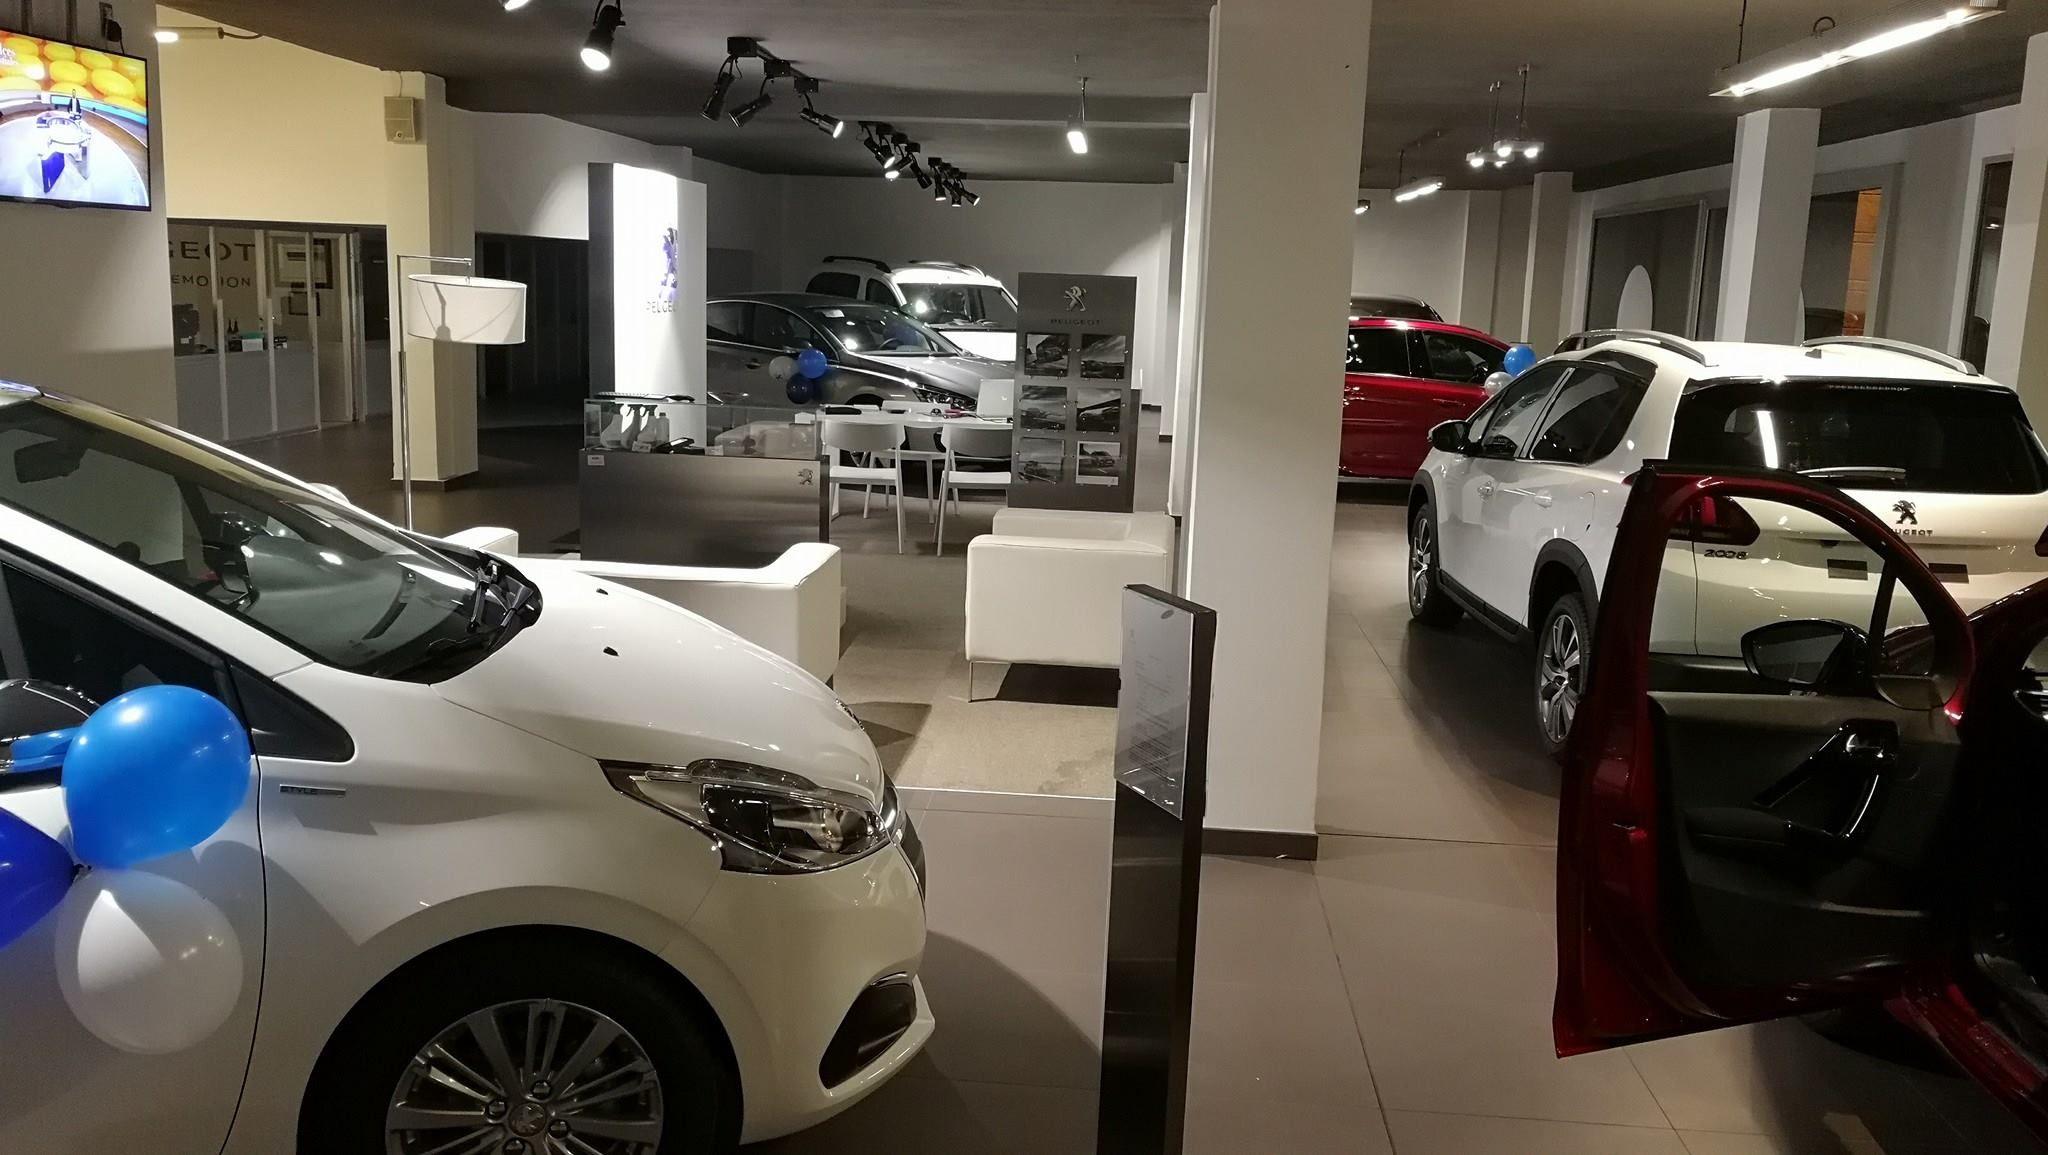 Ven a ver nuestra exposición de coches de ocasión en Coruña